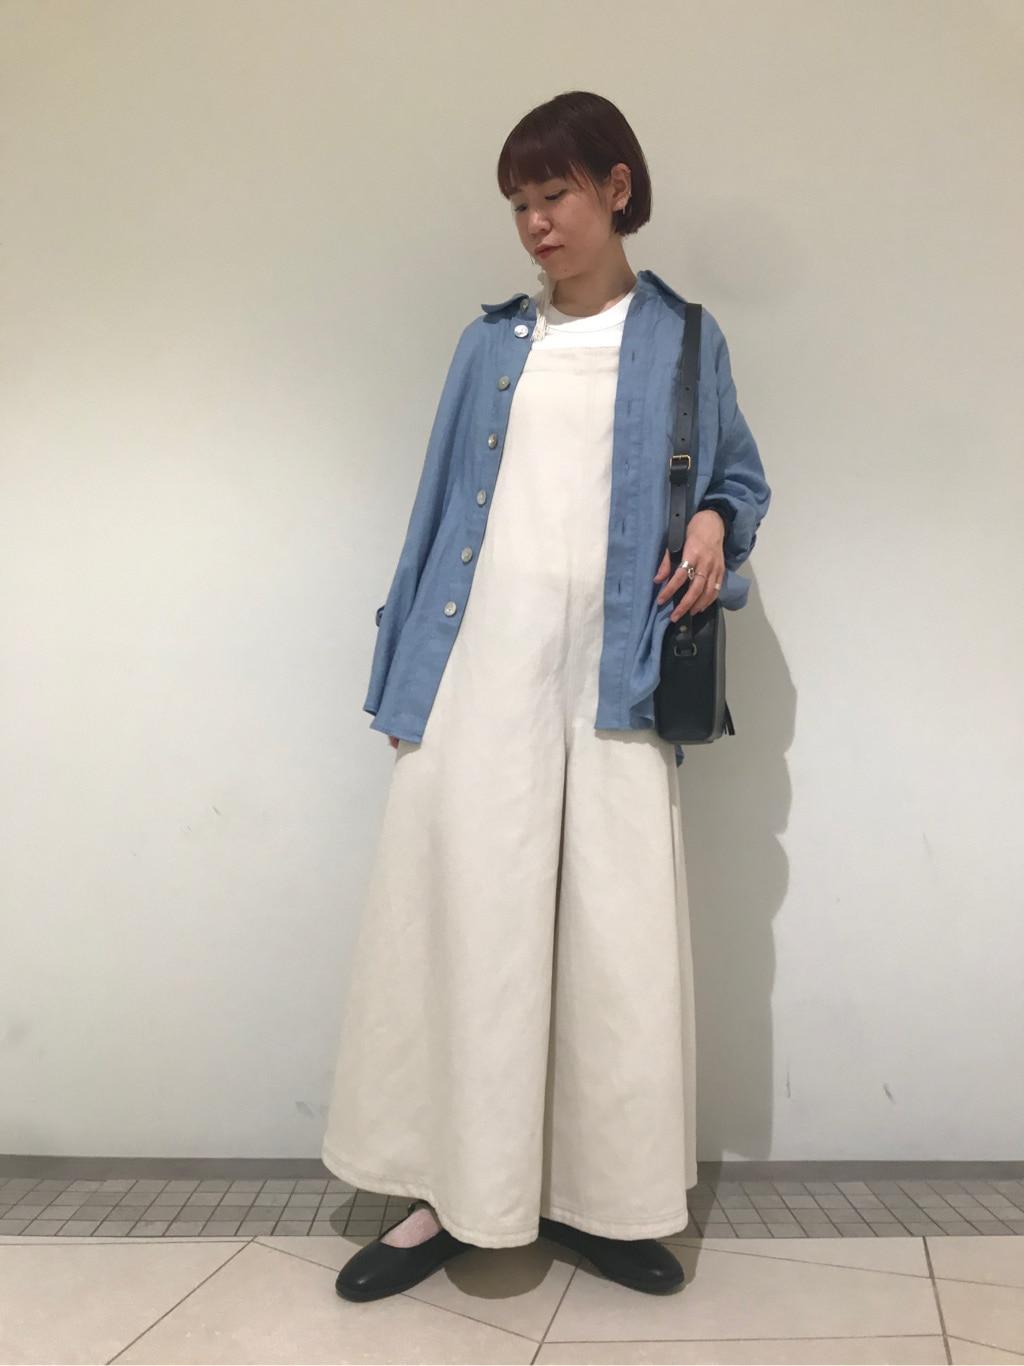 l'atelier du savon 東京スカイツリータウン・ソラマチ 身長:162cm 2020.07.30